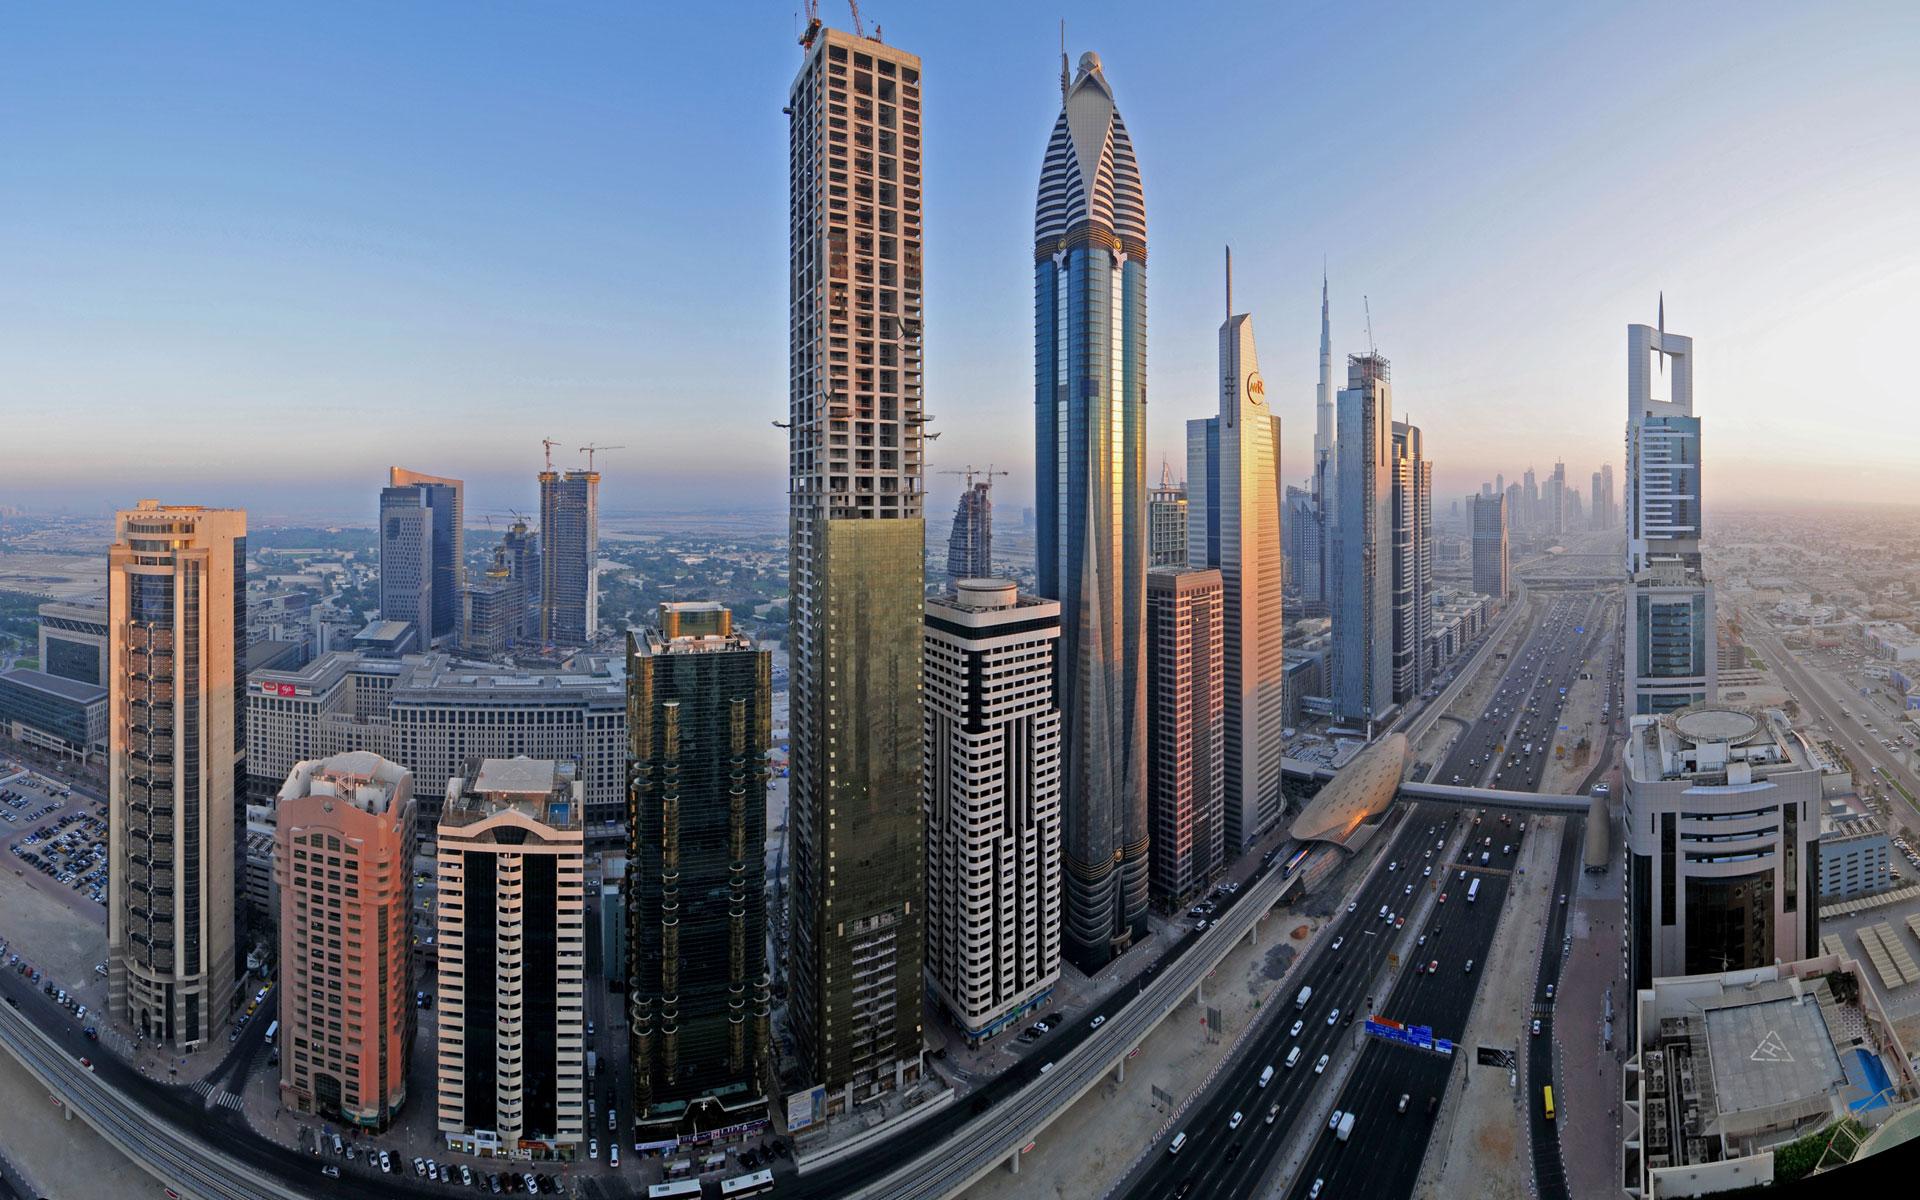 Downtown Dubai Widescreen Wallpapers HD Wallpapers 1920x1200